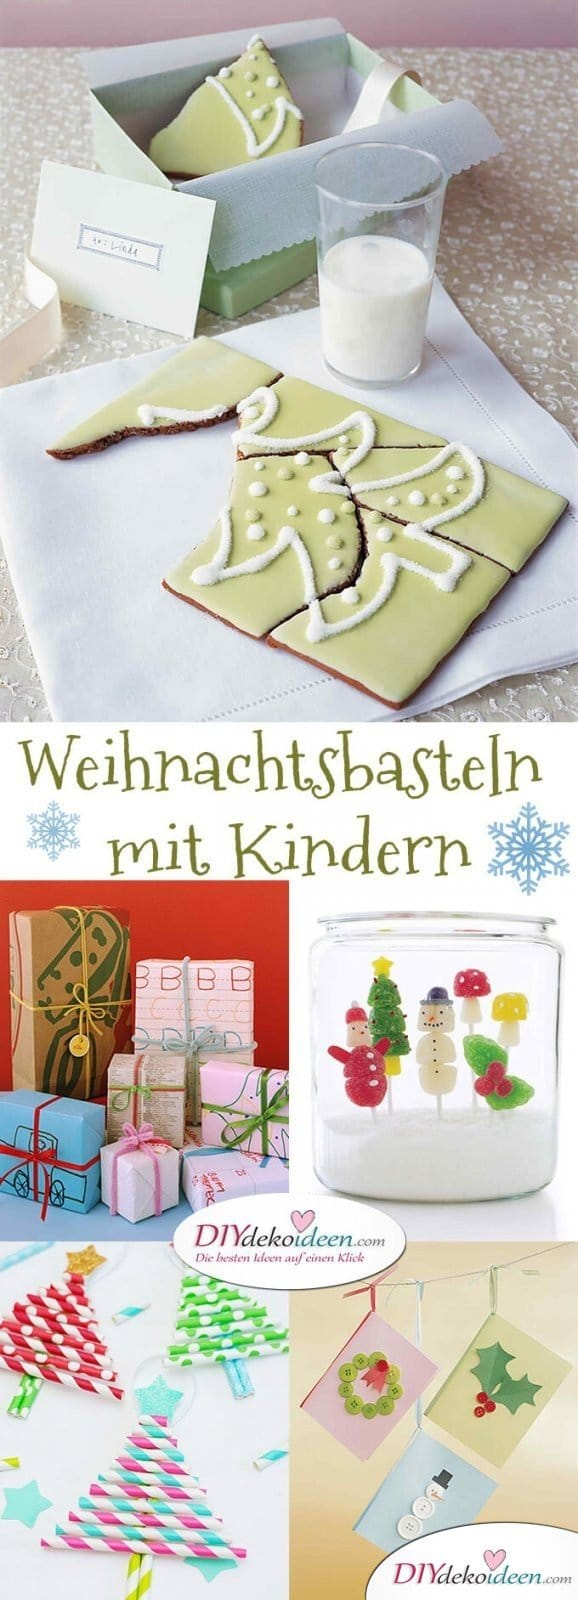 Weihnachtsbasteln mit Kindern - 15 Ideen - basteln mit Kindern - Weihnachten Bastelideen